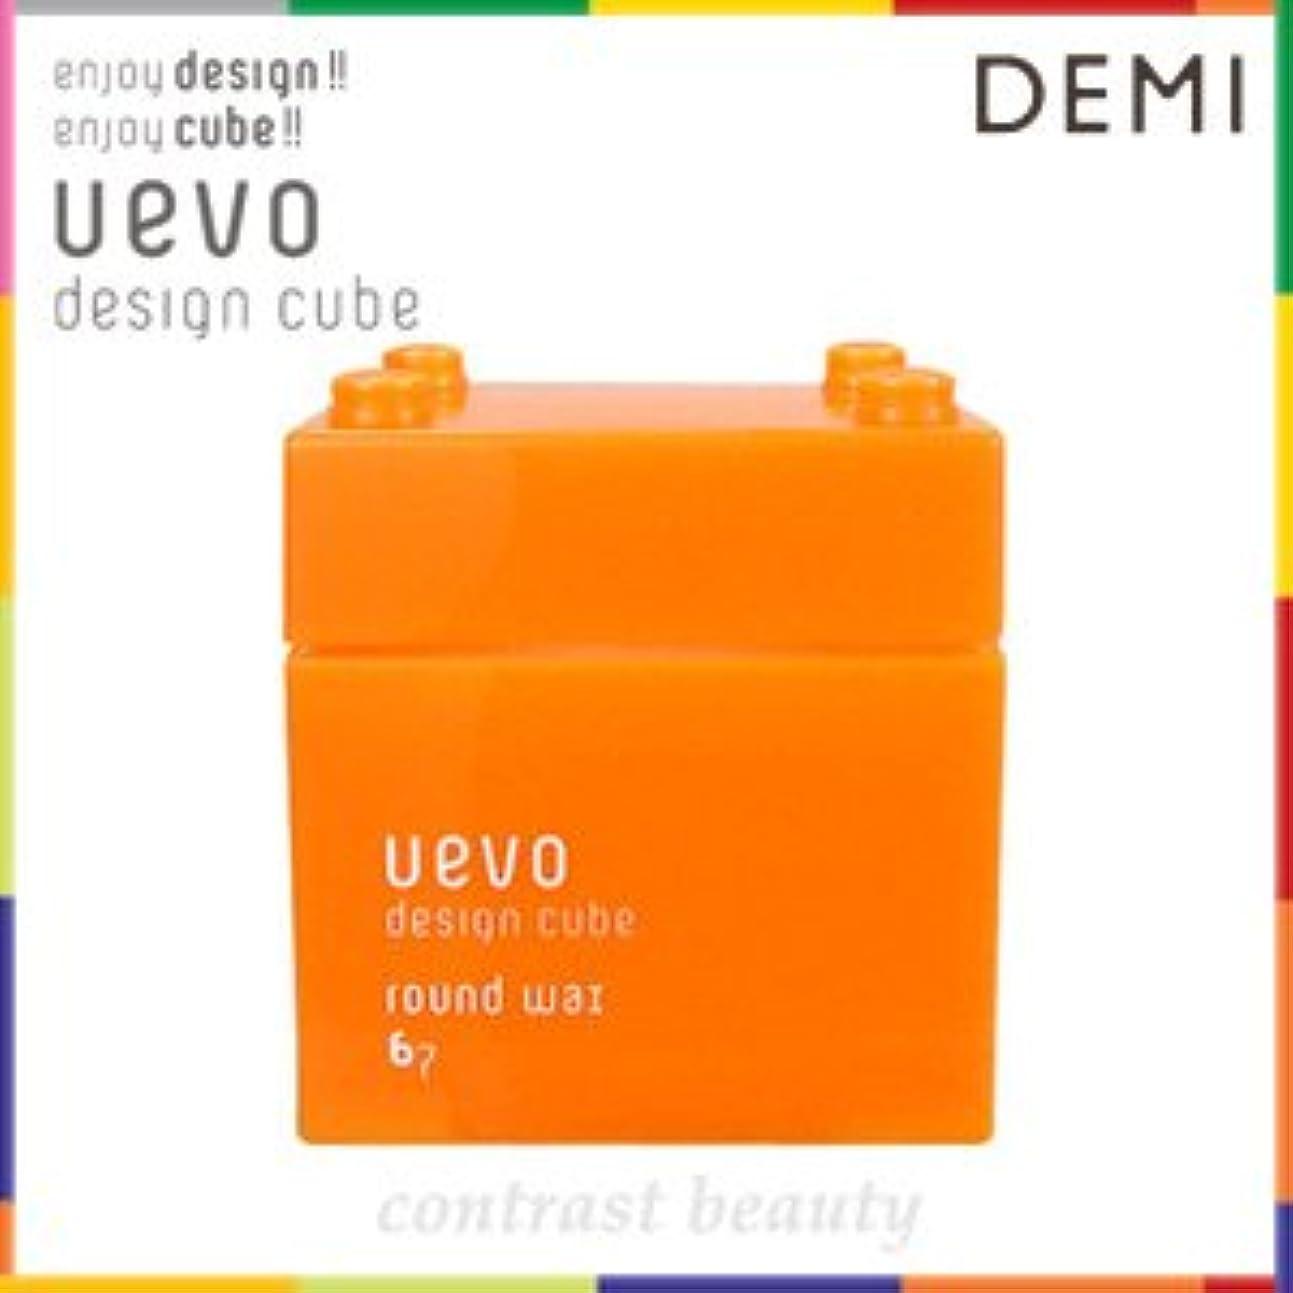 操縦するバウンド尊敬する【X2個セット】 デミ ウェーボ デザインキューブ ラウンドワックス 80g round wax DEMI uevo design cube